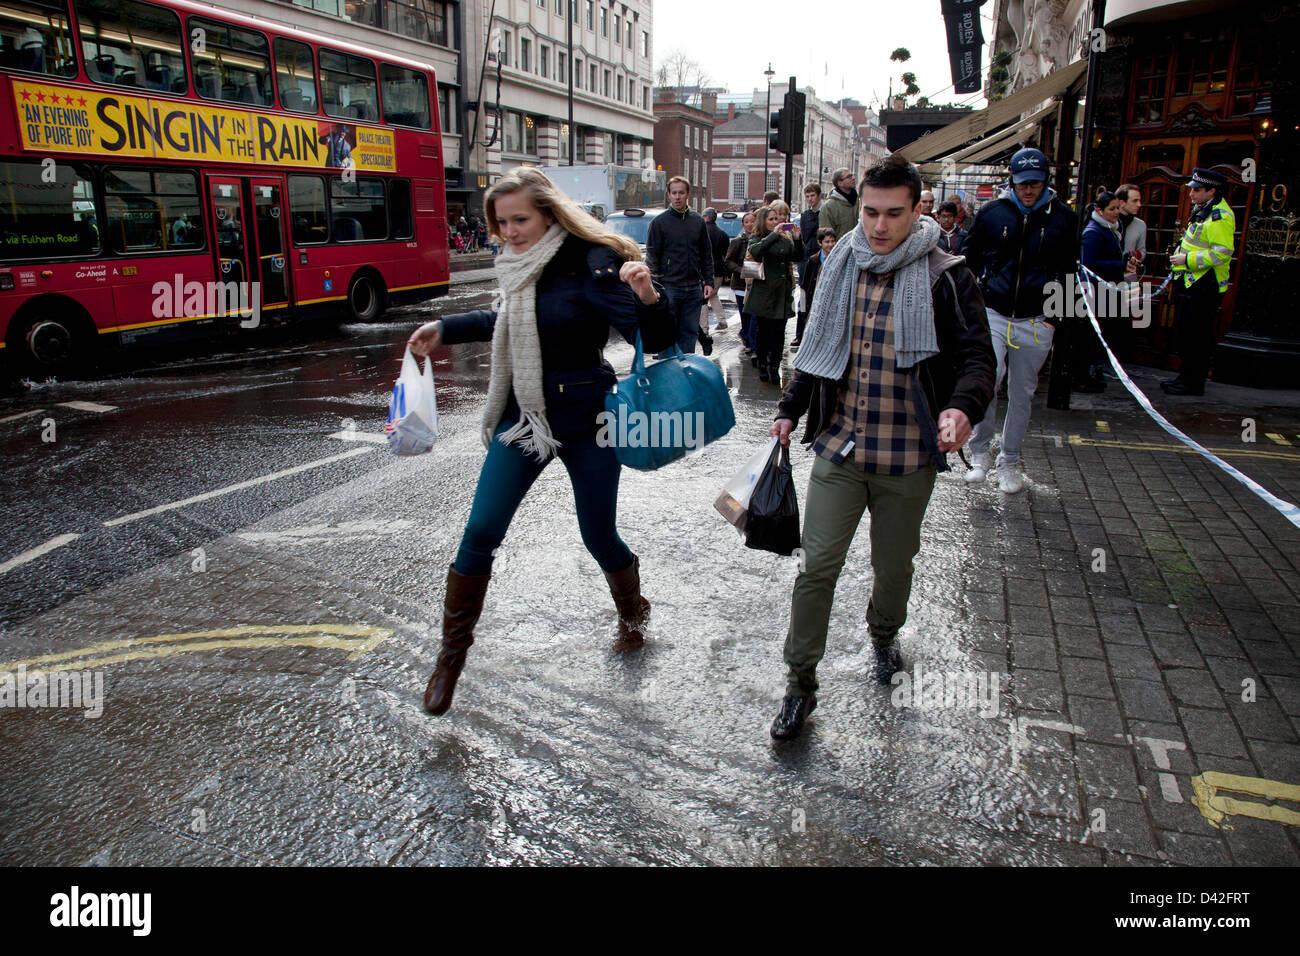 London, UK. Samstag, 2. März 2013. Wasserrohrbruch verursacht Überschwemmungen Störung im Zentrum Stockbild